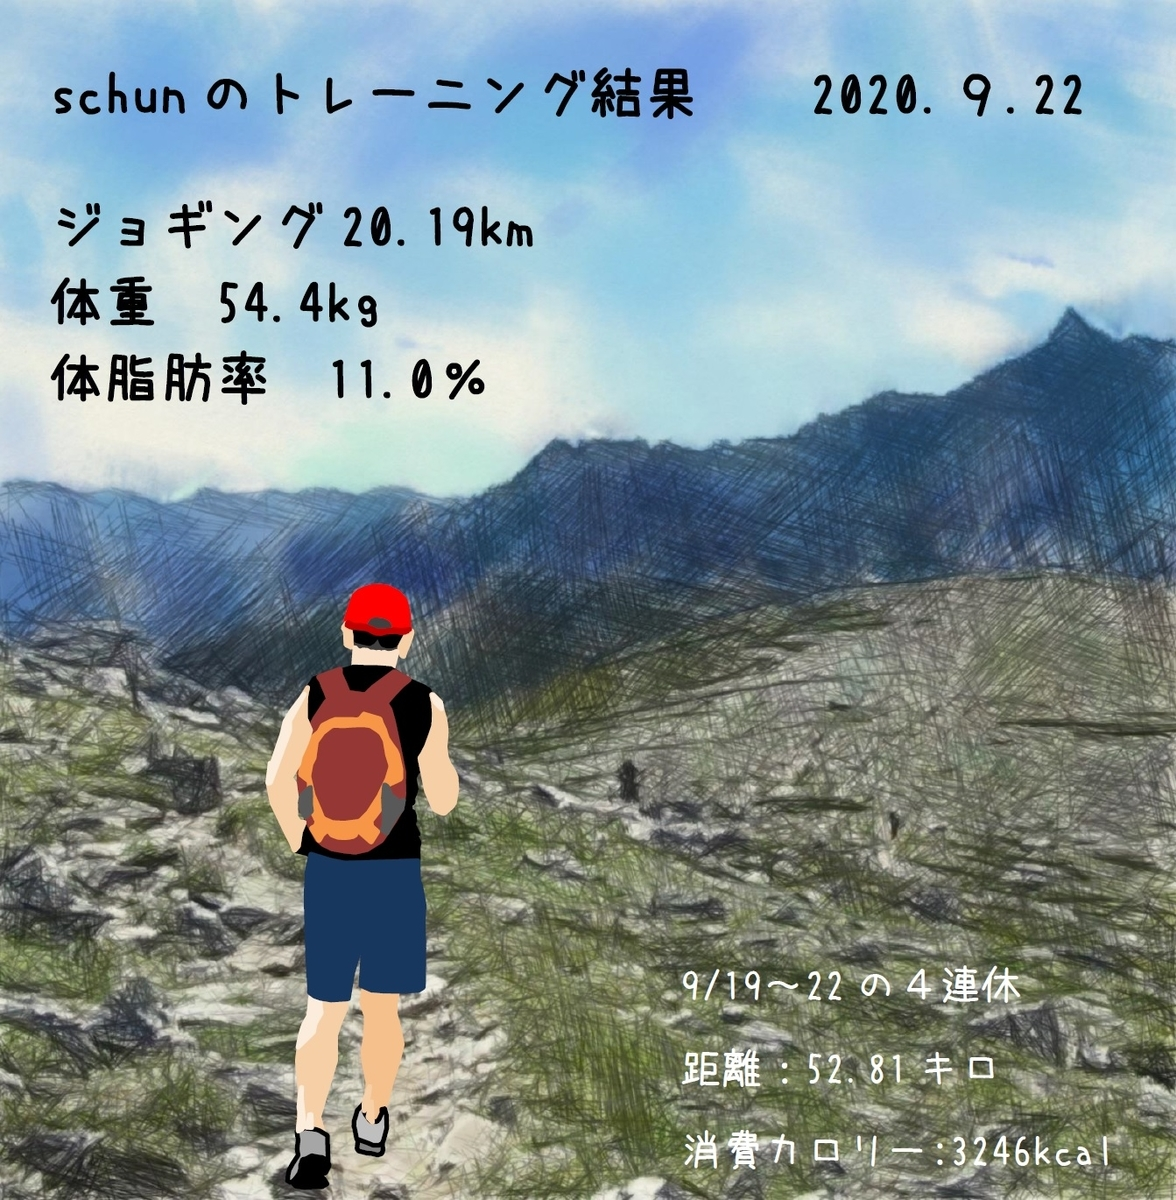 f:id:schunchi2007:20200922152338j:plain